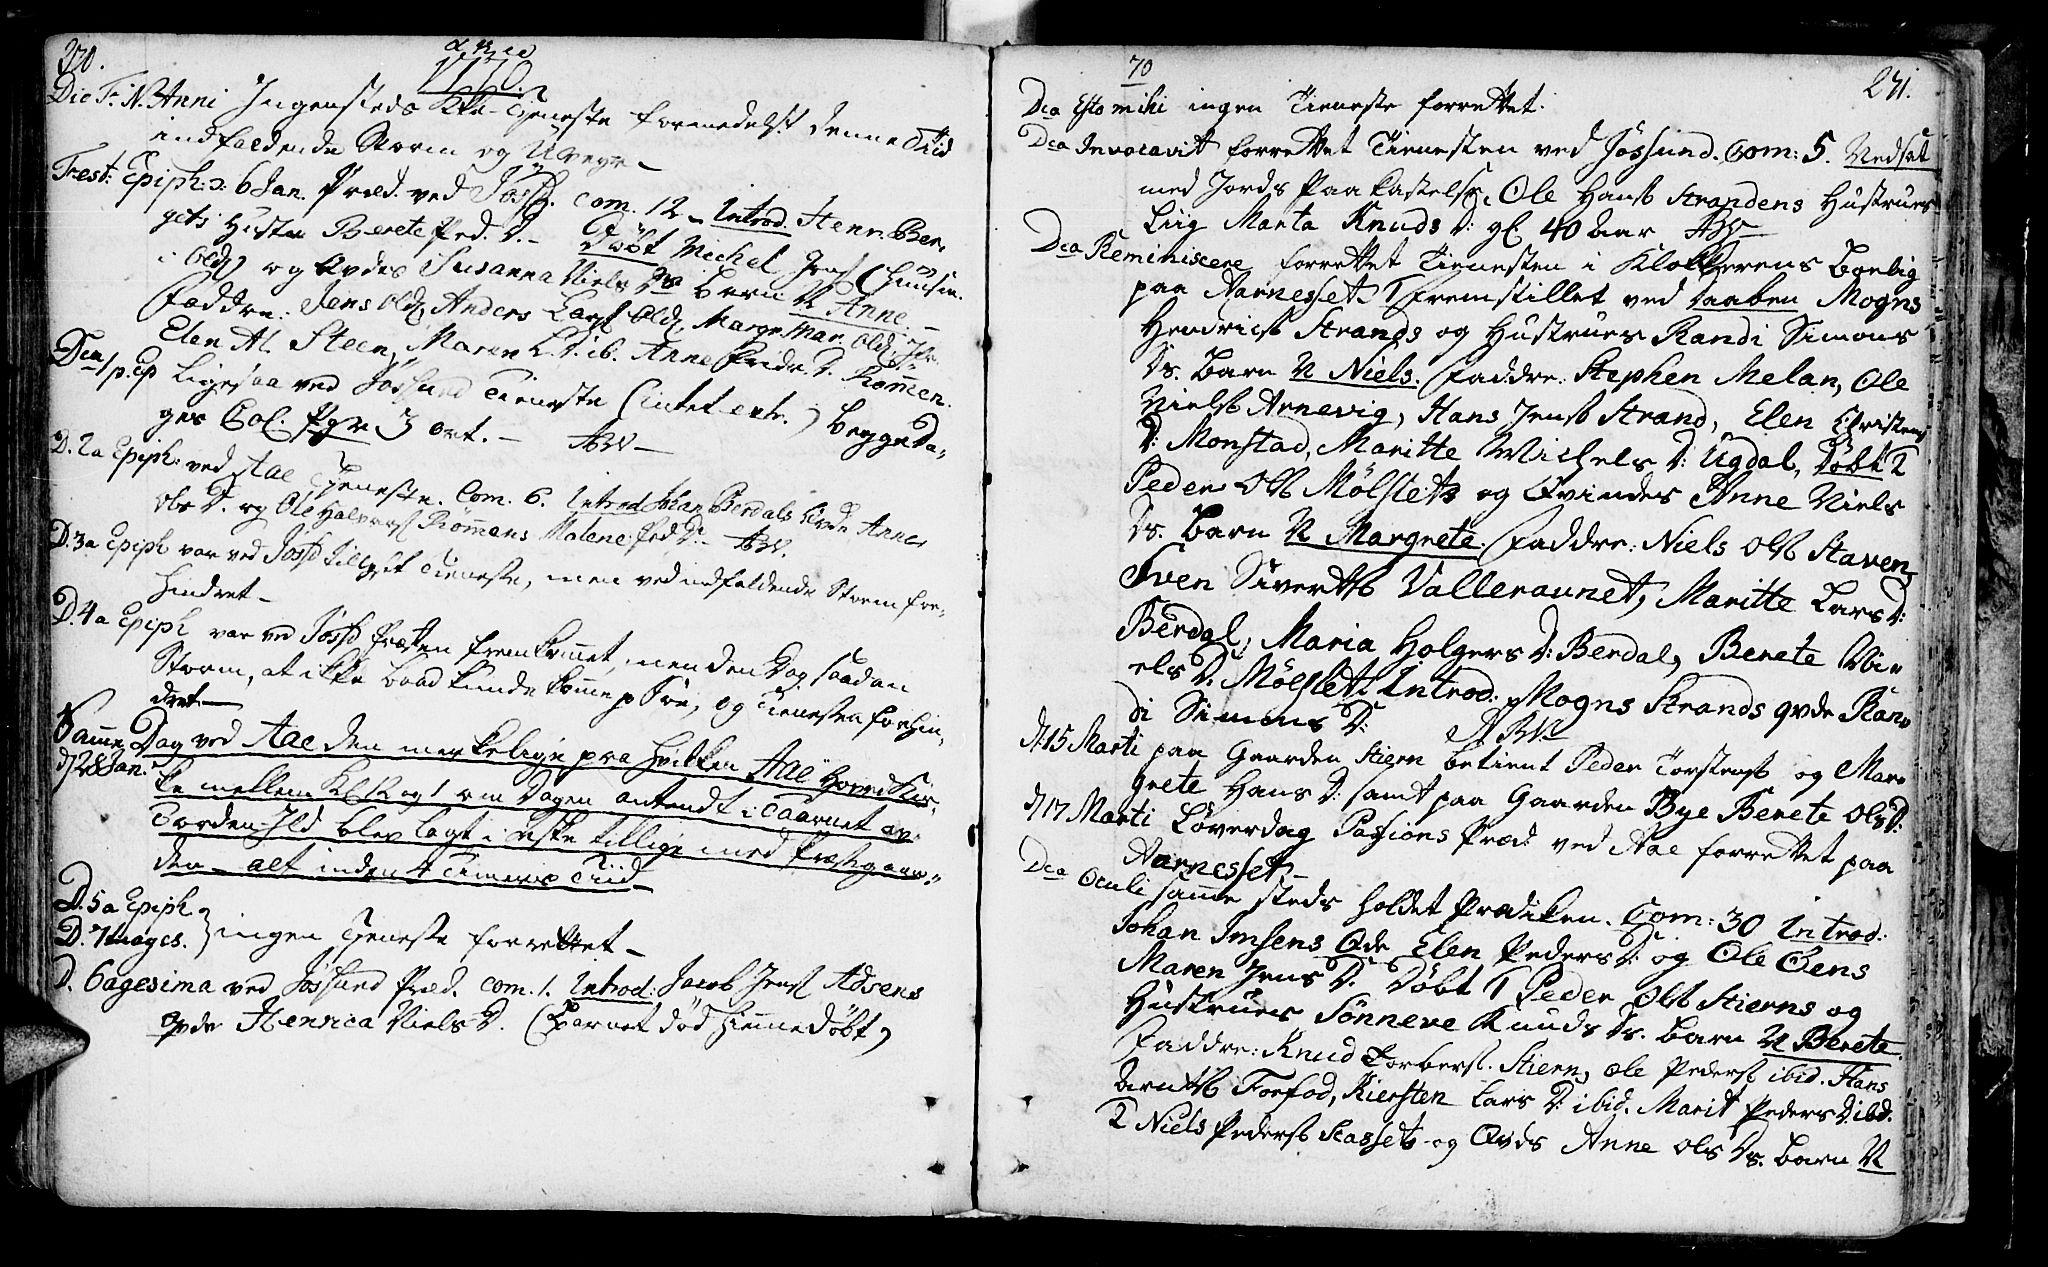 SAT, Ministerialprotokoller, klokkerbøker og fødselsregistre - Sør-Trøndelag, 655/L0672: Ministerialbok nr. 655A01, 1750-1779, s. 270-271